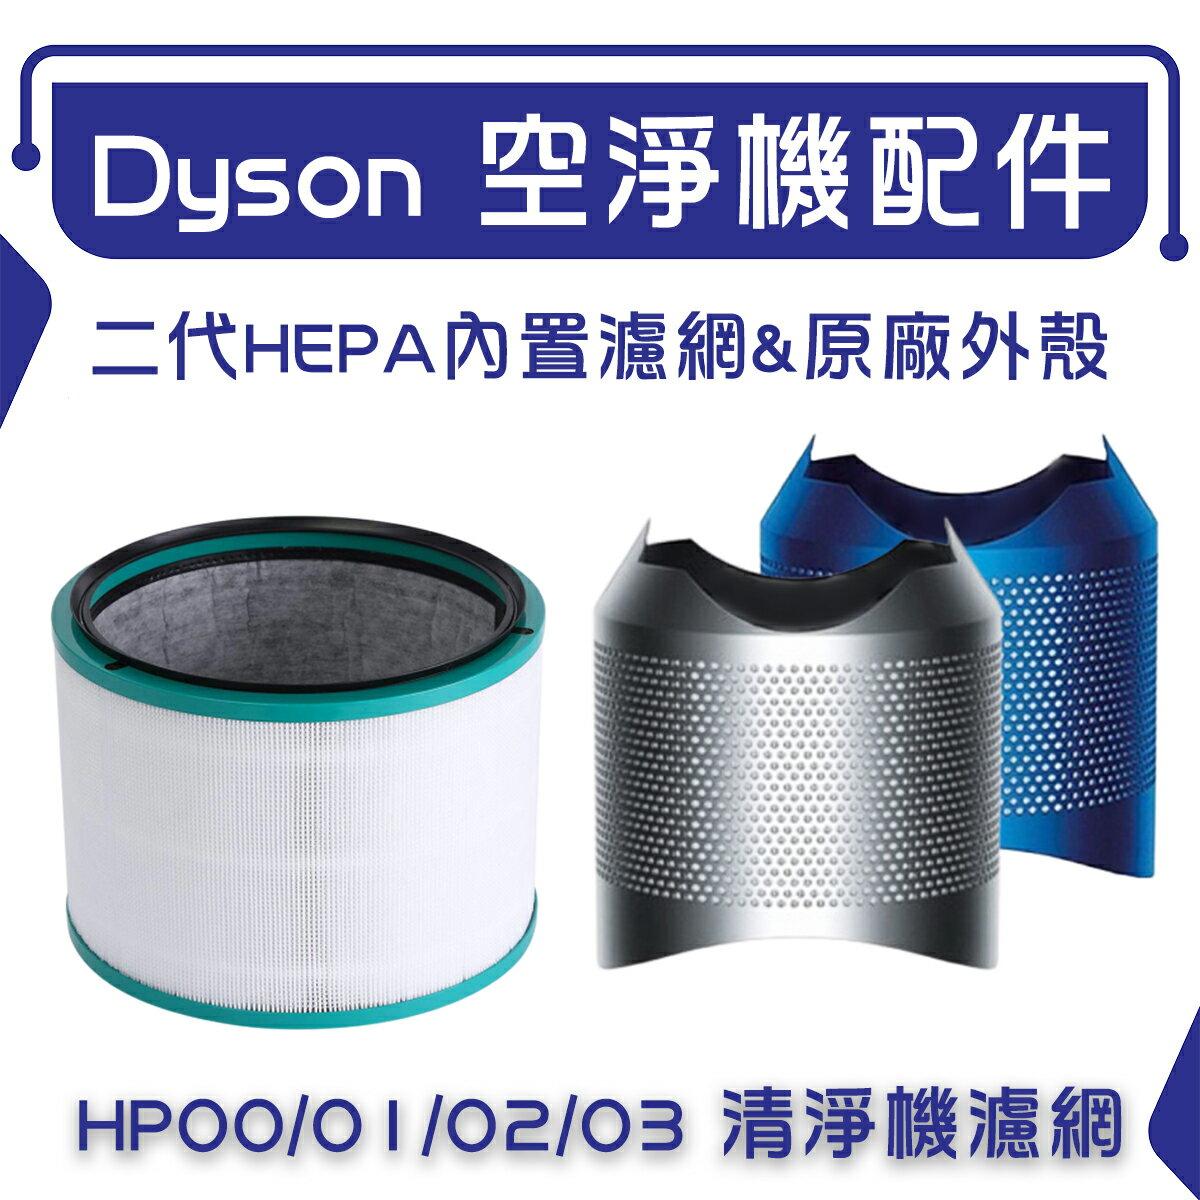 免運 Dyson空淨機二代濾網 HP00/HP01/HP02/HP03 外殼+HEPA濾網 可分離